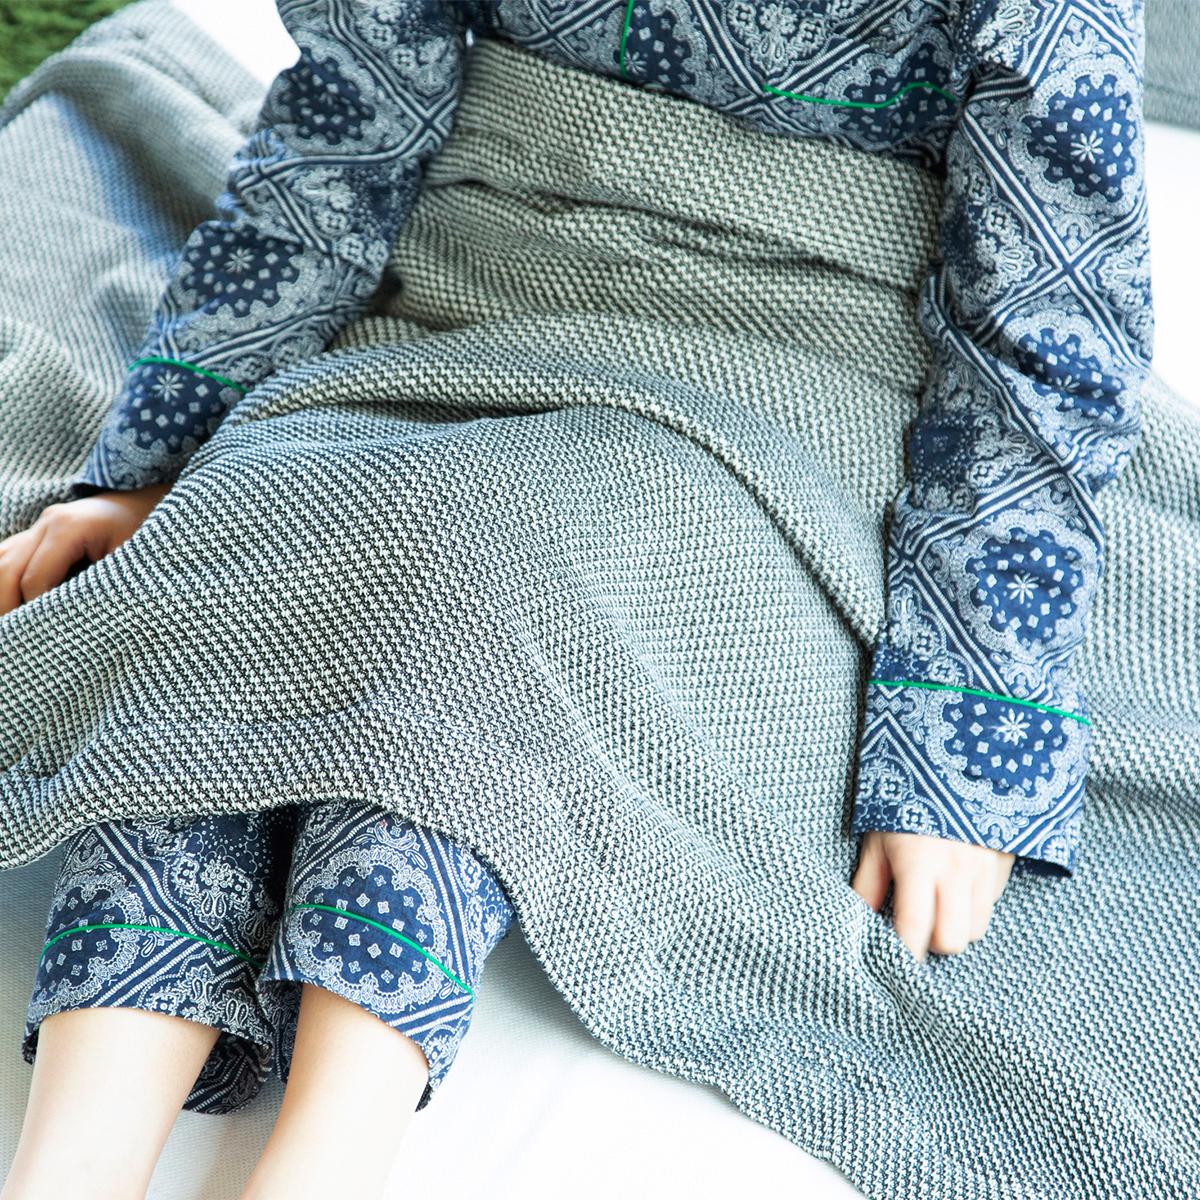 ズレない、落ちない安心の大判サイズ。「熟睡」を追求した凹凸状のハニカム織りのハニカムケット(ワッフルケット)